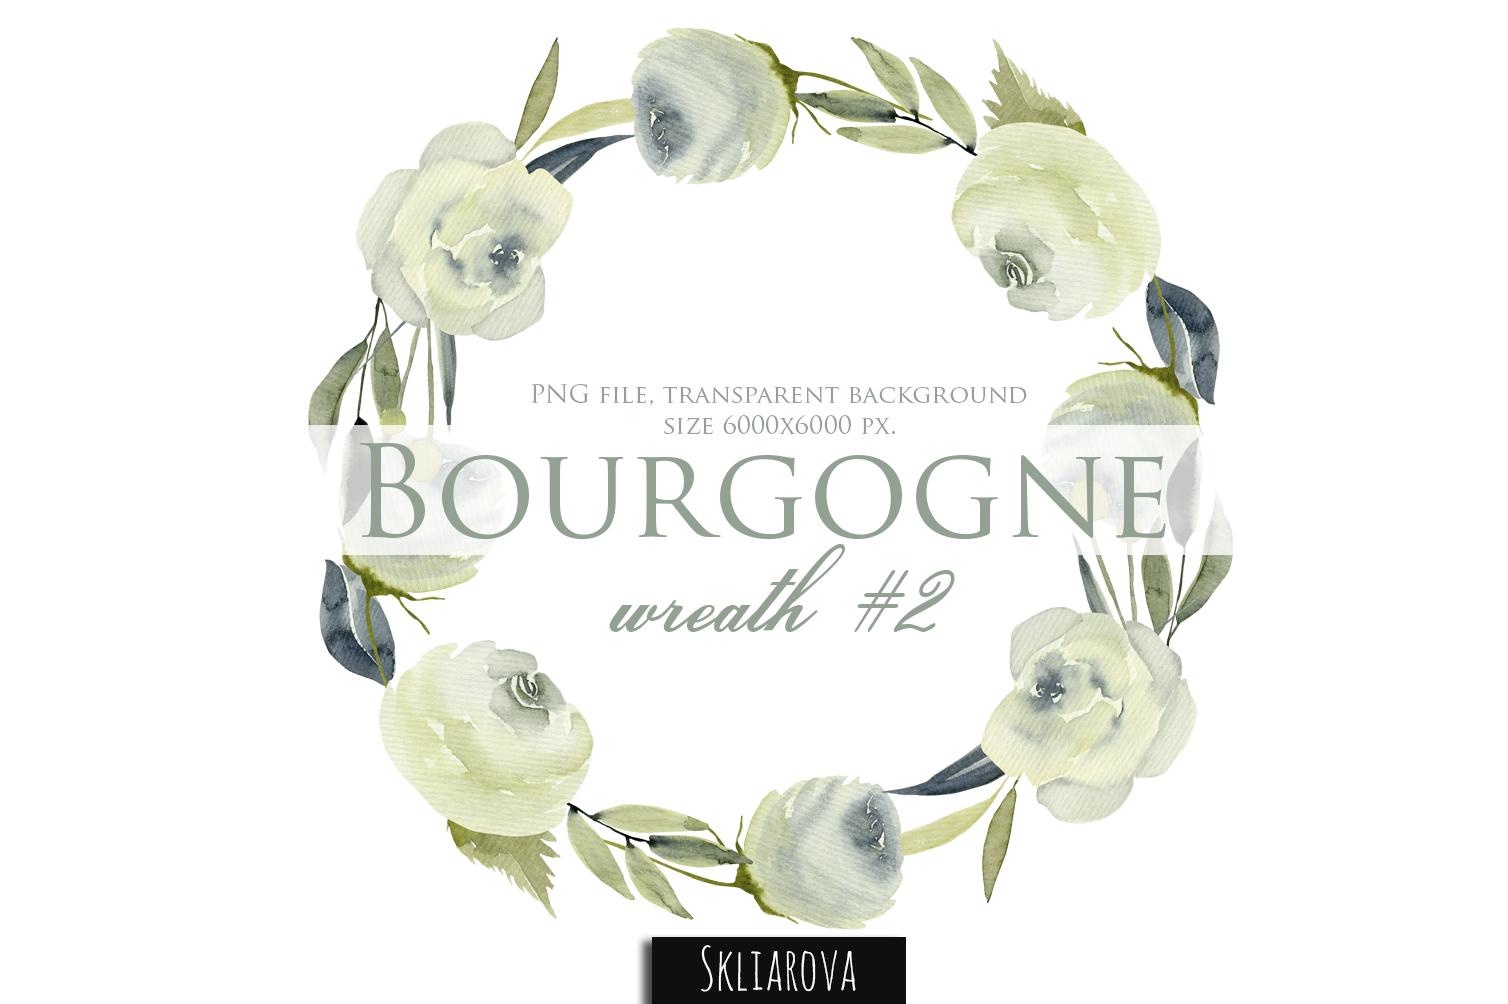 Bourgogne. Wreath #2 example image 1